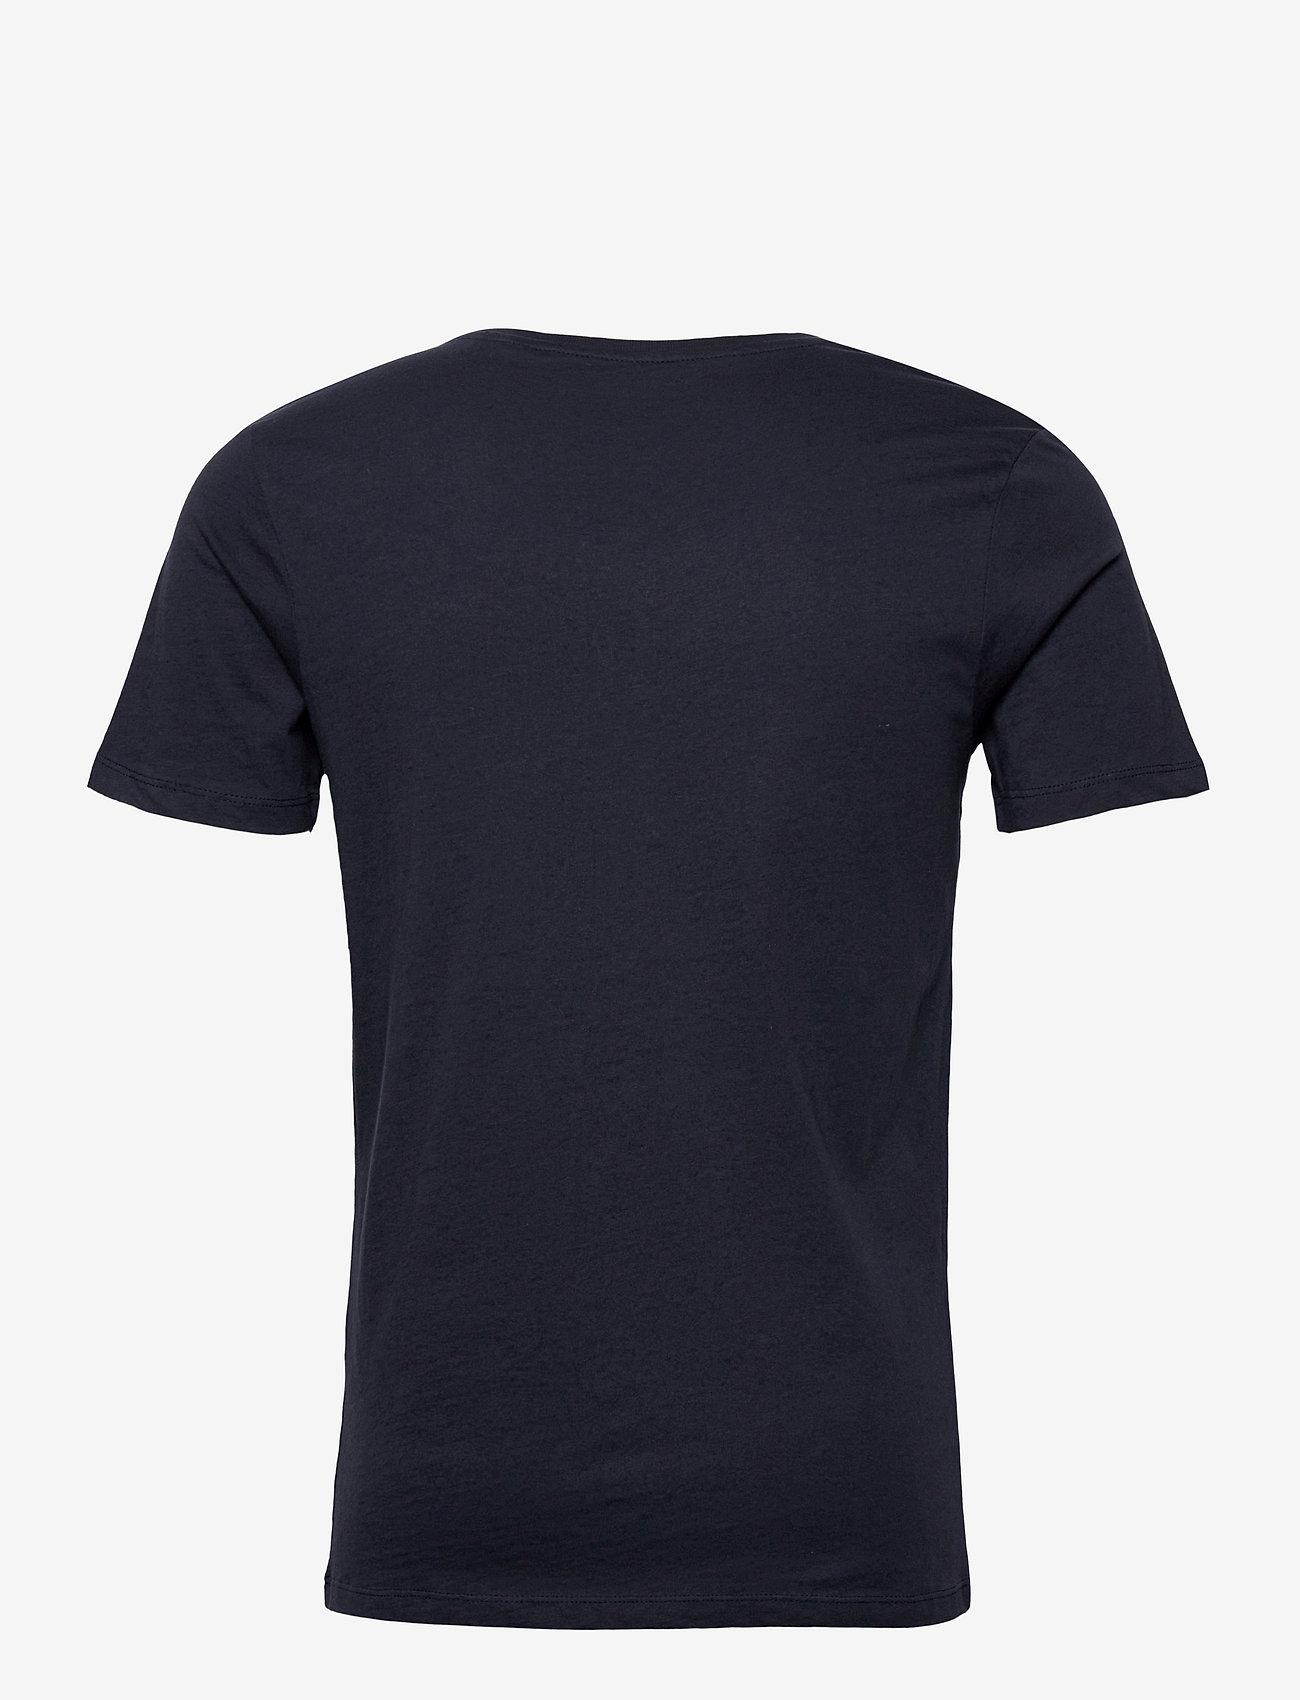 Jack & Jones - JJEJEANS TEE SS CREW NECK  20/21 - kortärmade t-shirts - navy blazer - 1